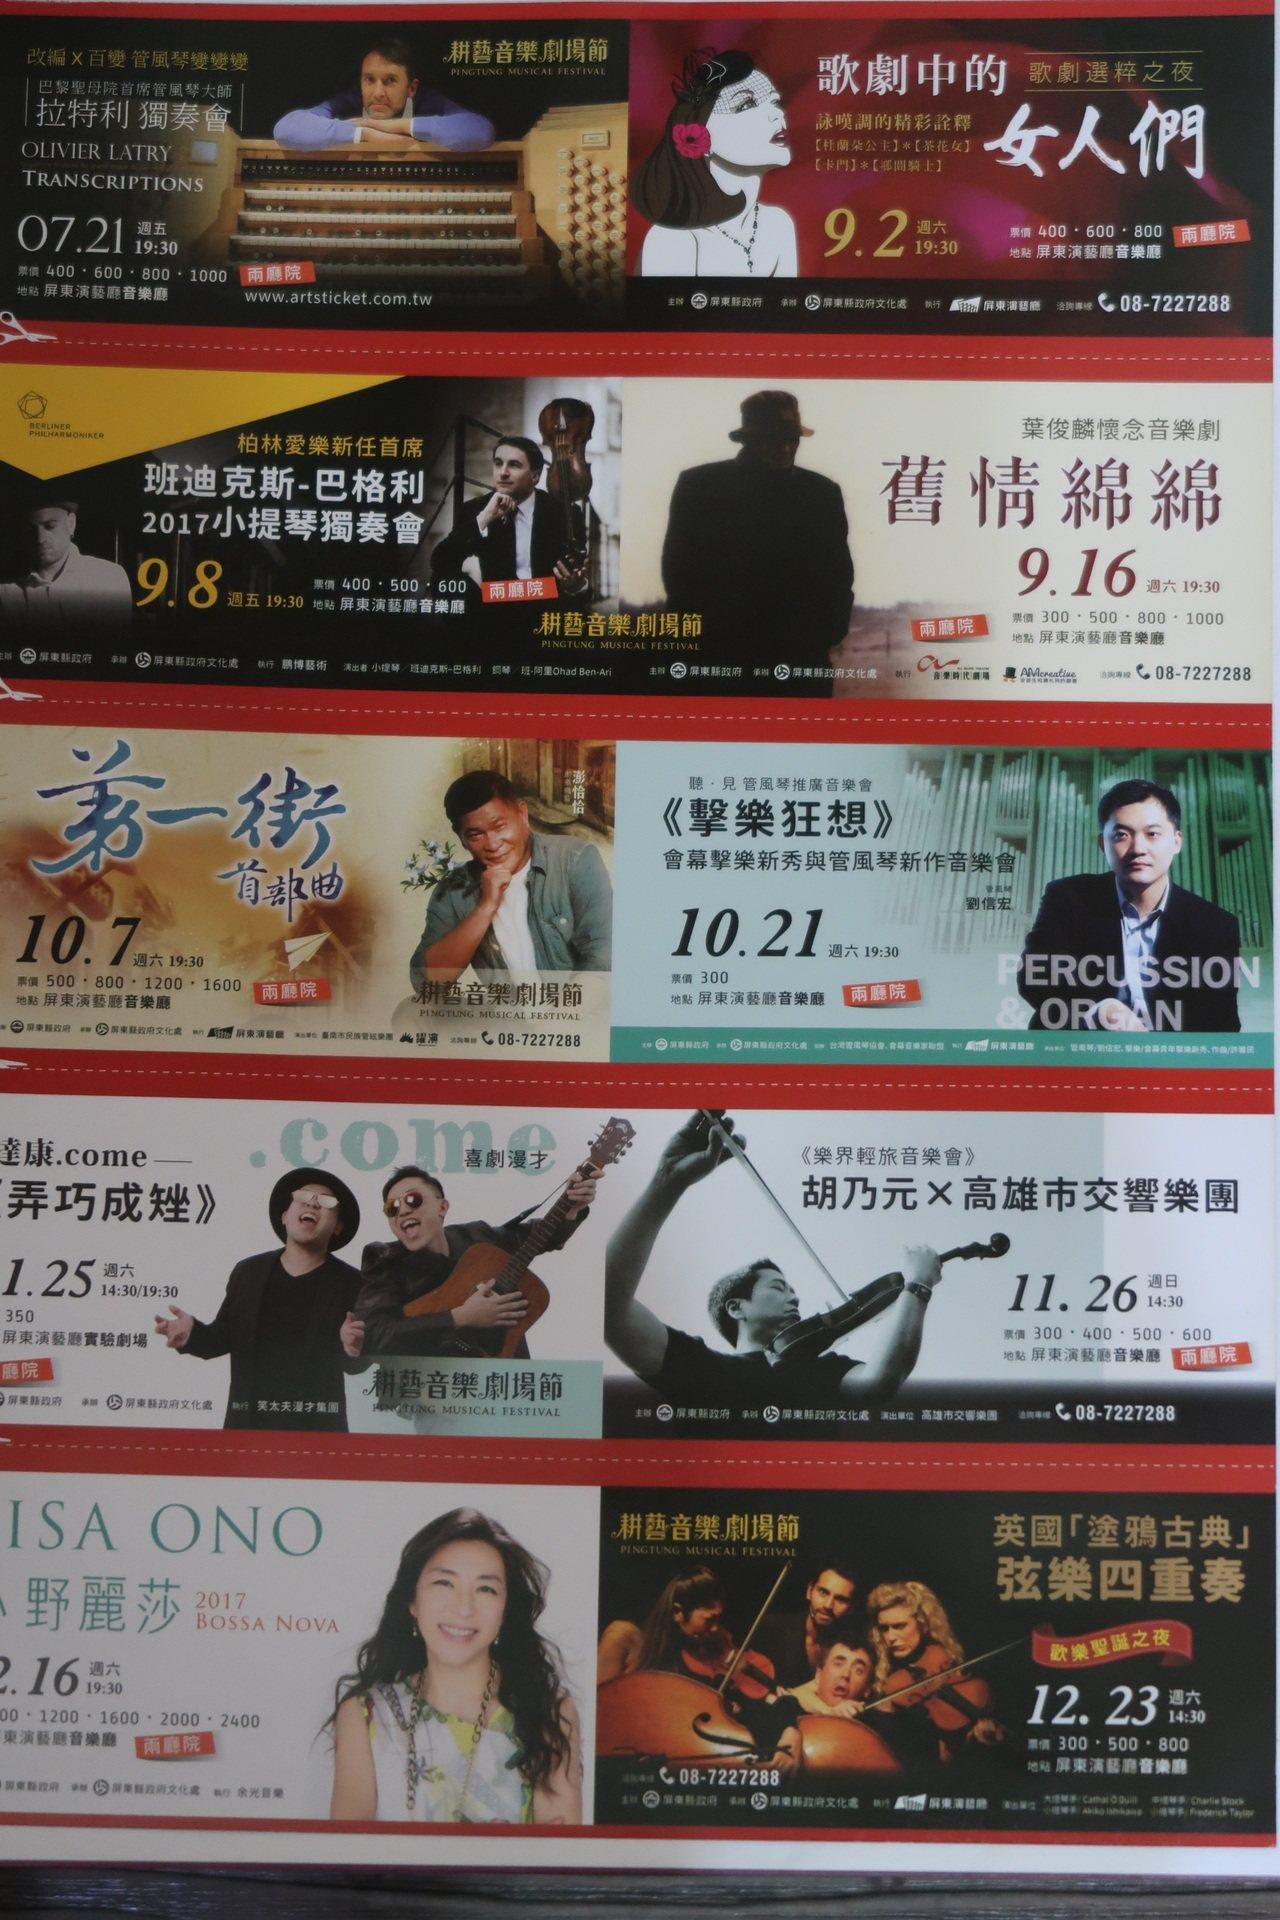 屏東演藝廳下半年引進多場音樂劇與歌劇,還有小野麗莎也將登場。記者翁禎霞/攝影